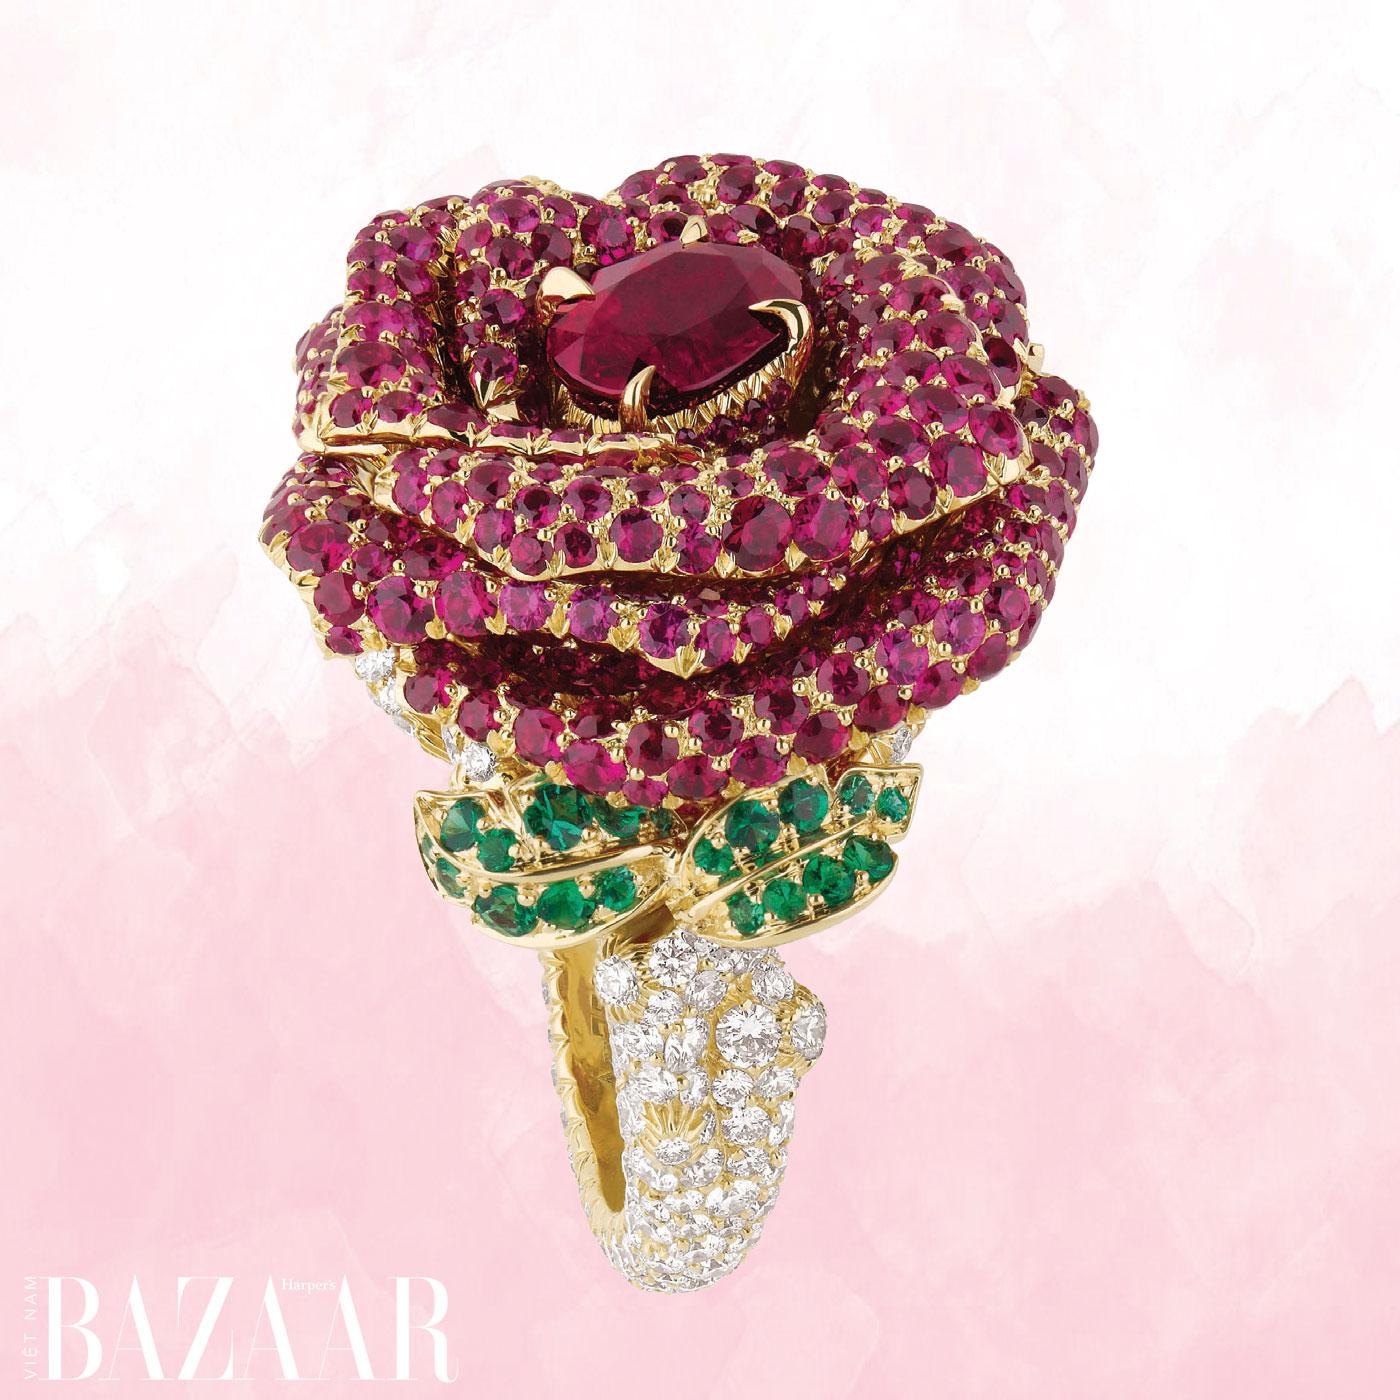 Nhẫn Rose Dior Bagatelle từ vàng, kim cương, hồng ngọc, ngọc lục bảo